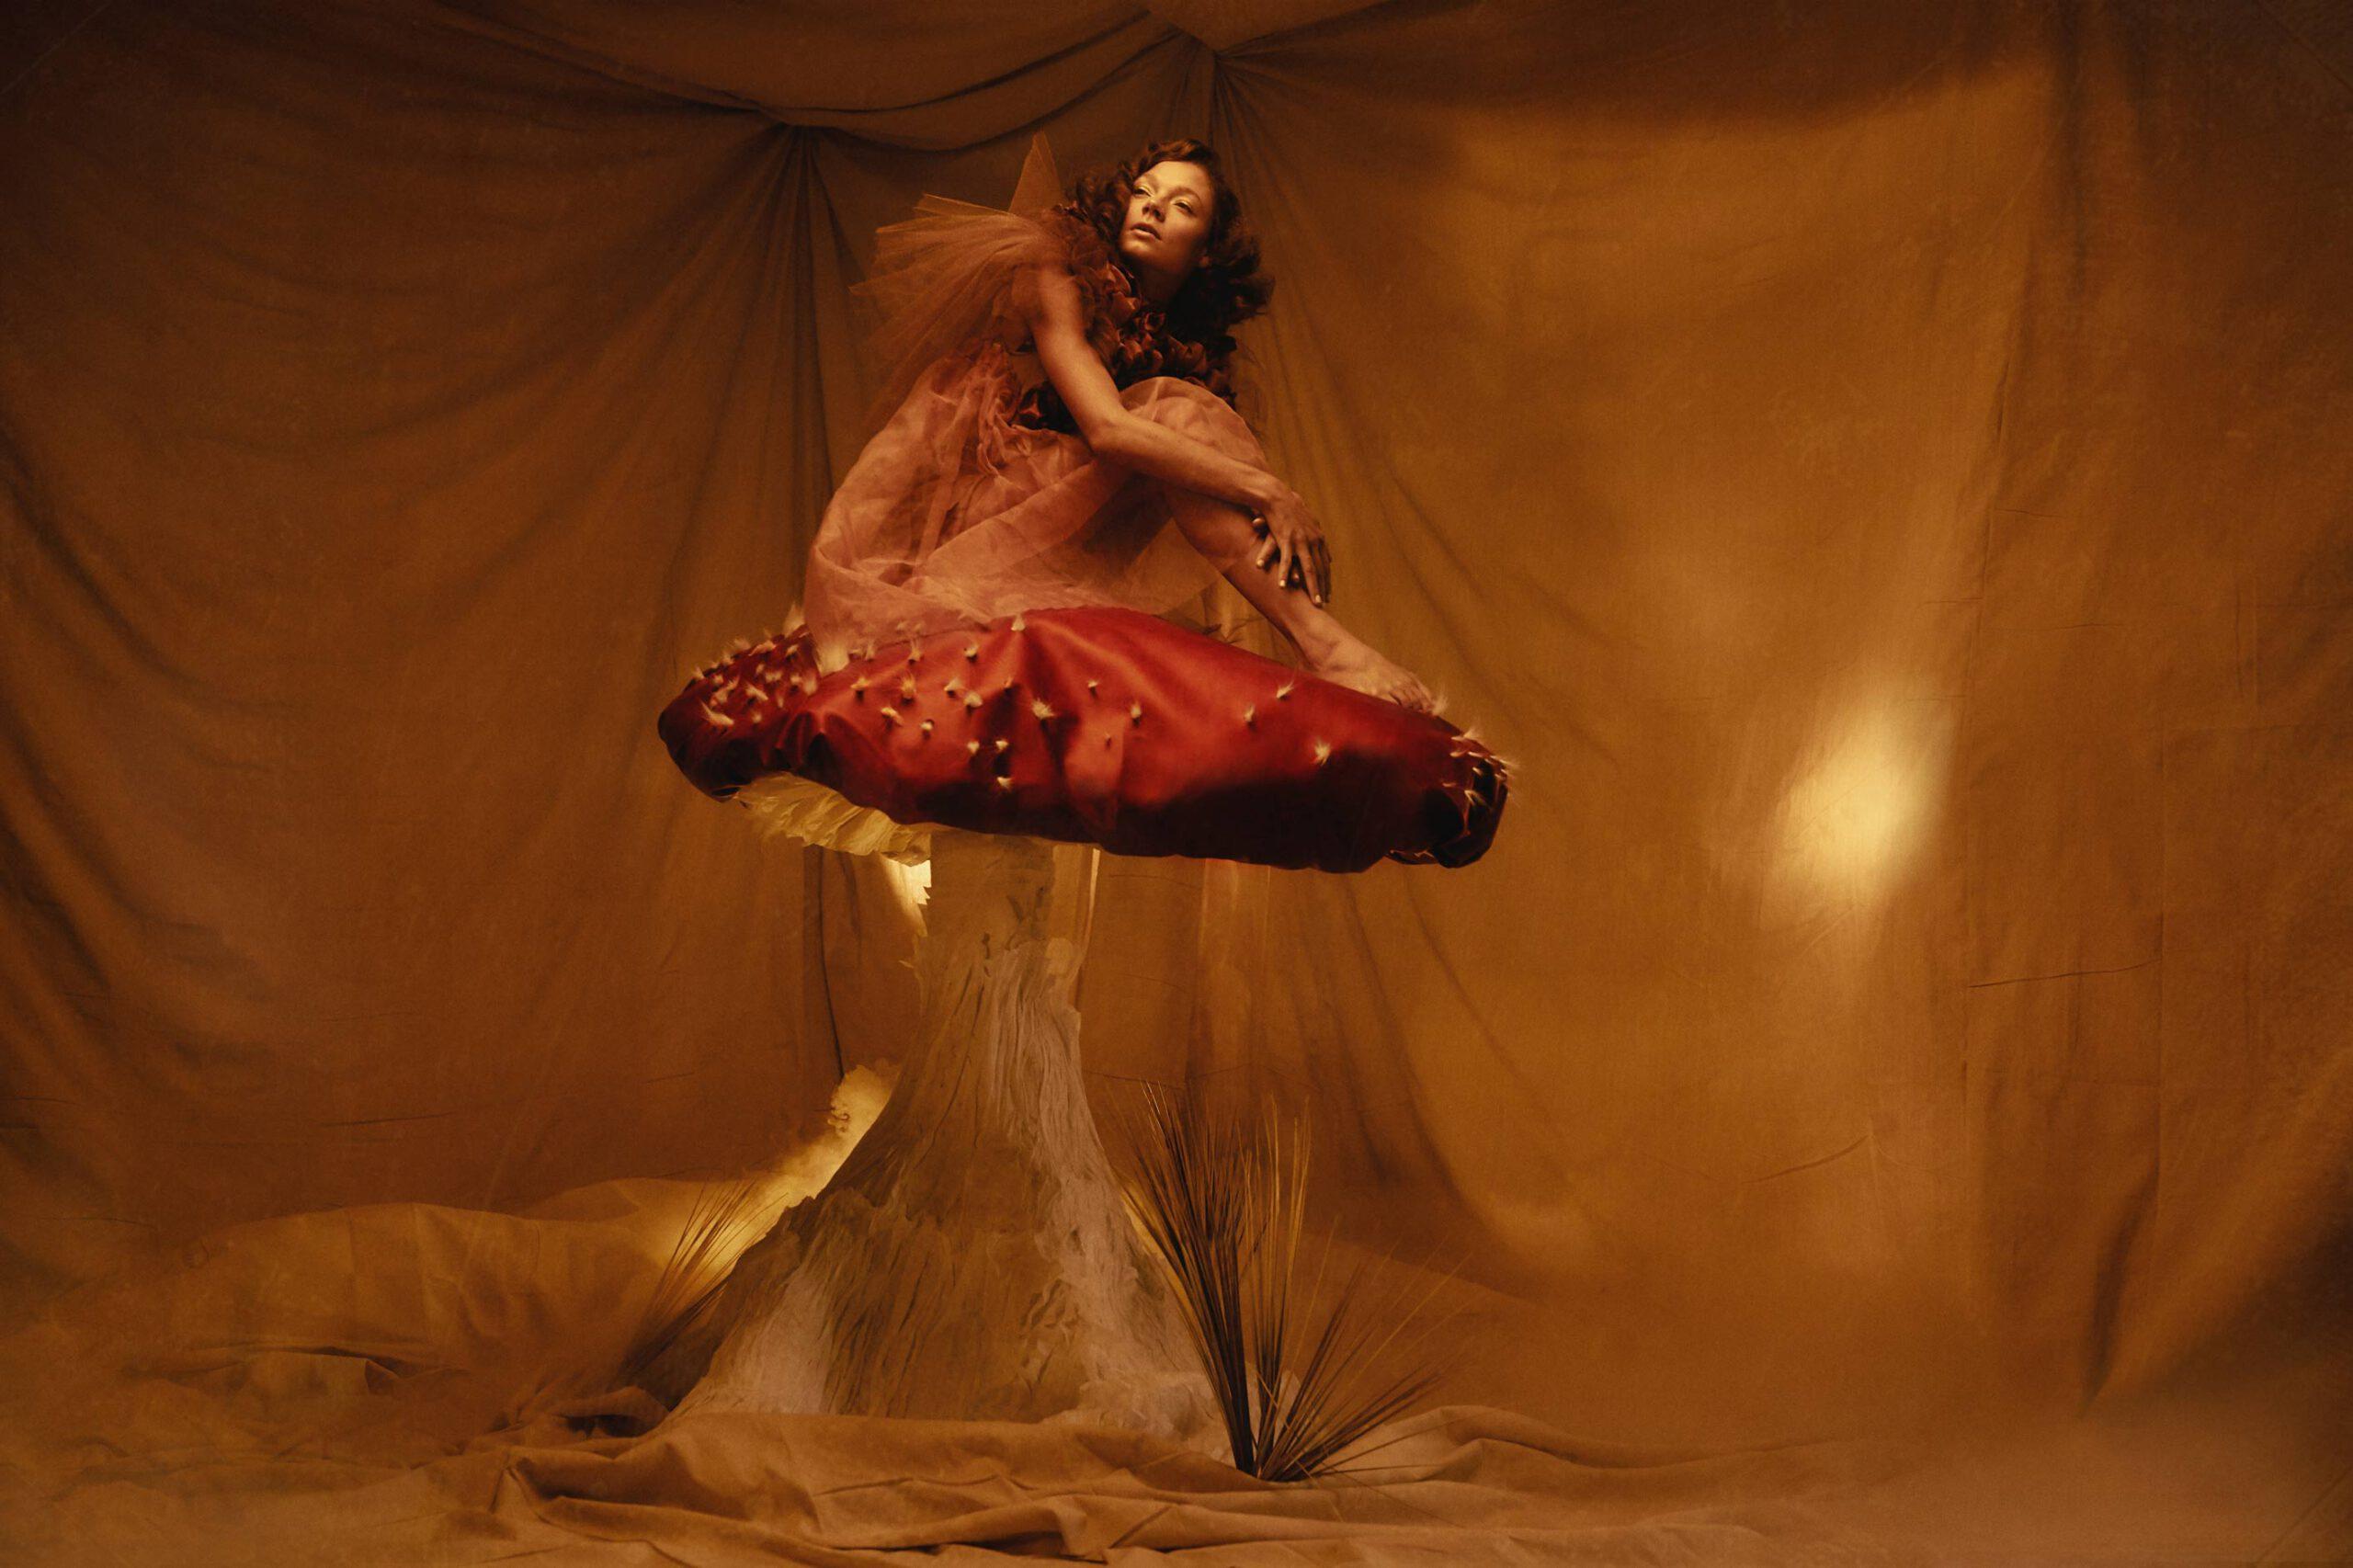 Dariane Sanche Photographe professionnelle spécialisée en photo editorial mode et creative. Photo d'une femme assise sur un champignon géant avec de la fumé au sol.